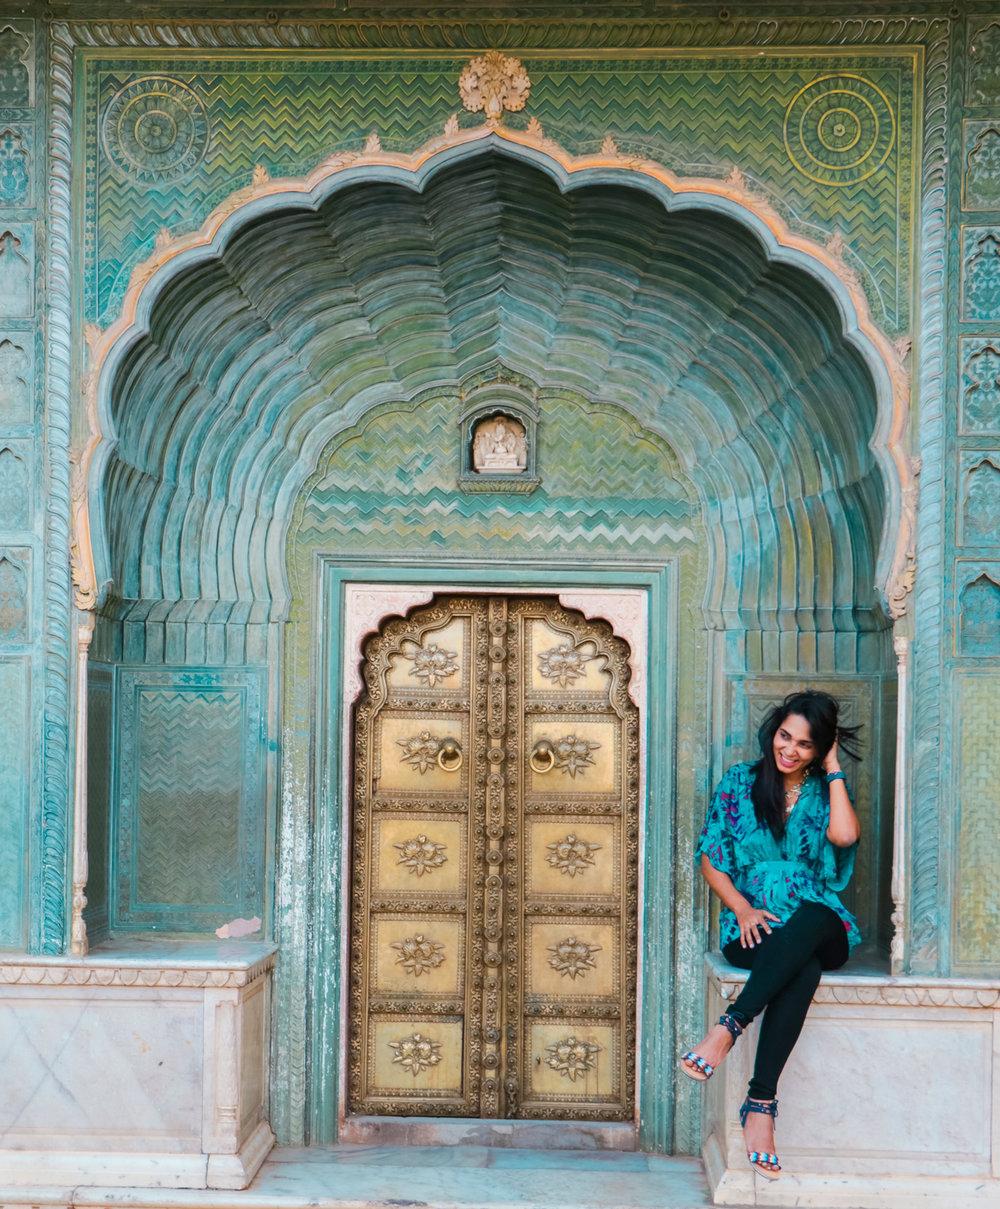 ¿Interesado en viajar a la India? Aquí la guía completa que necesitas saber: vuelos, vestimienta, lugares turísticos, costo, transporte y mucho más.viaje-india-travel-guide_5-city-palace-jaipur